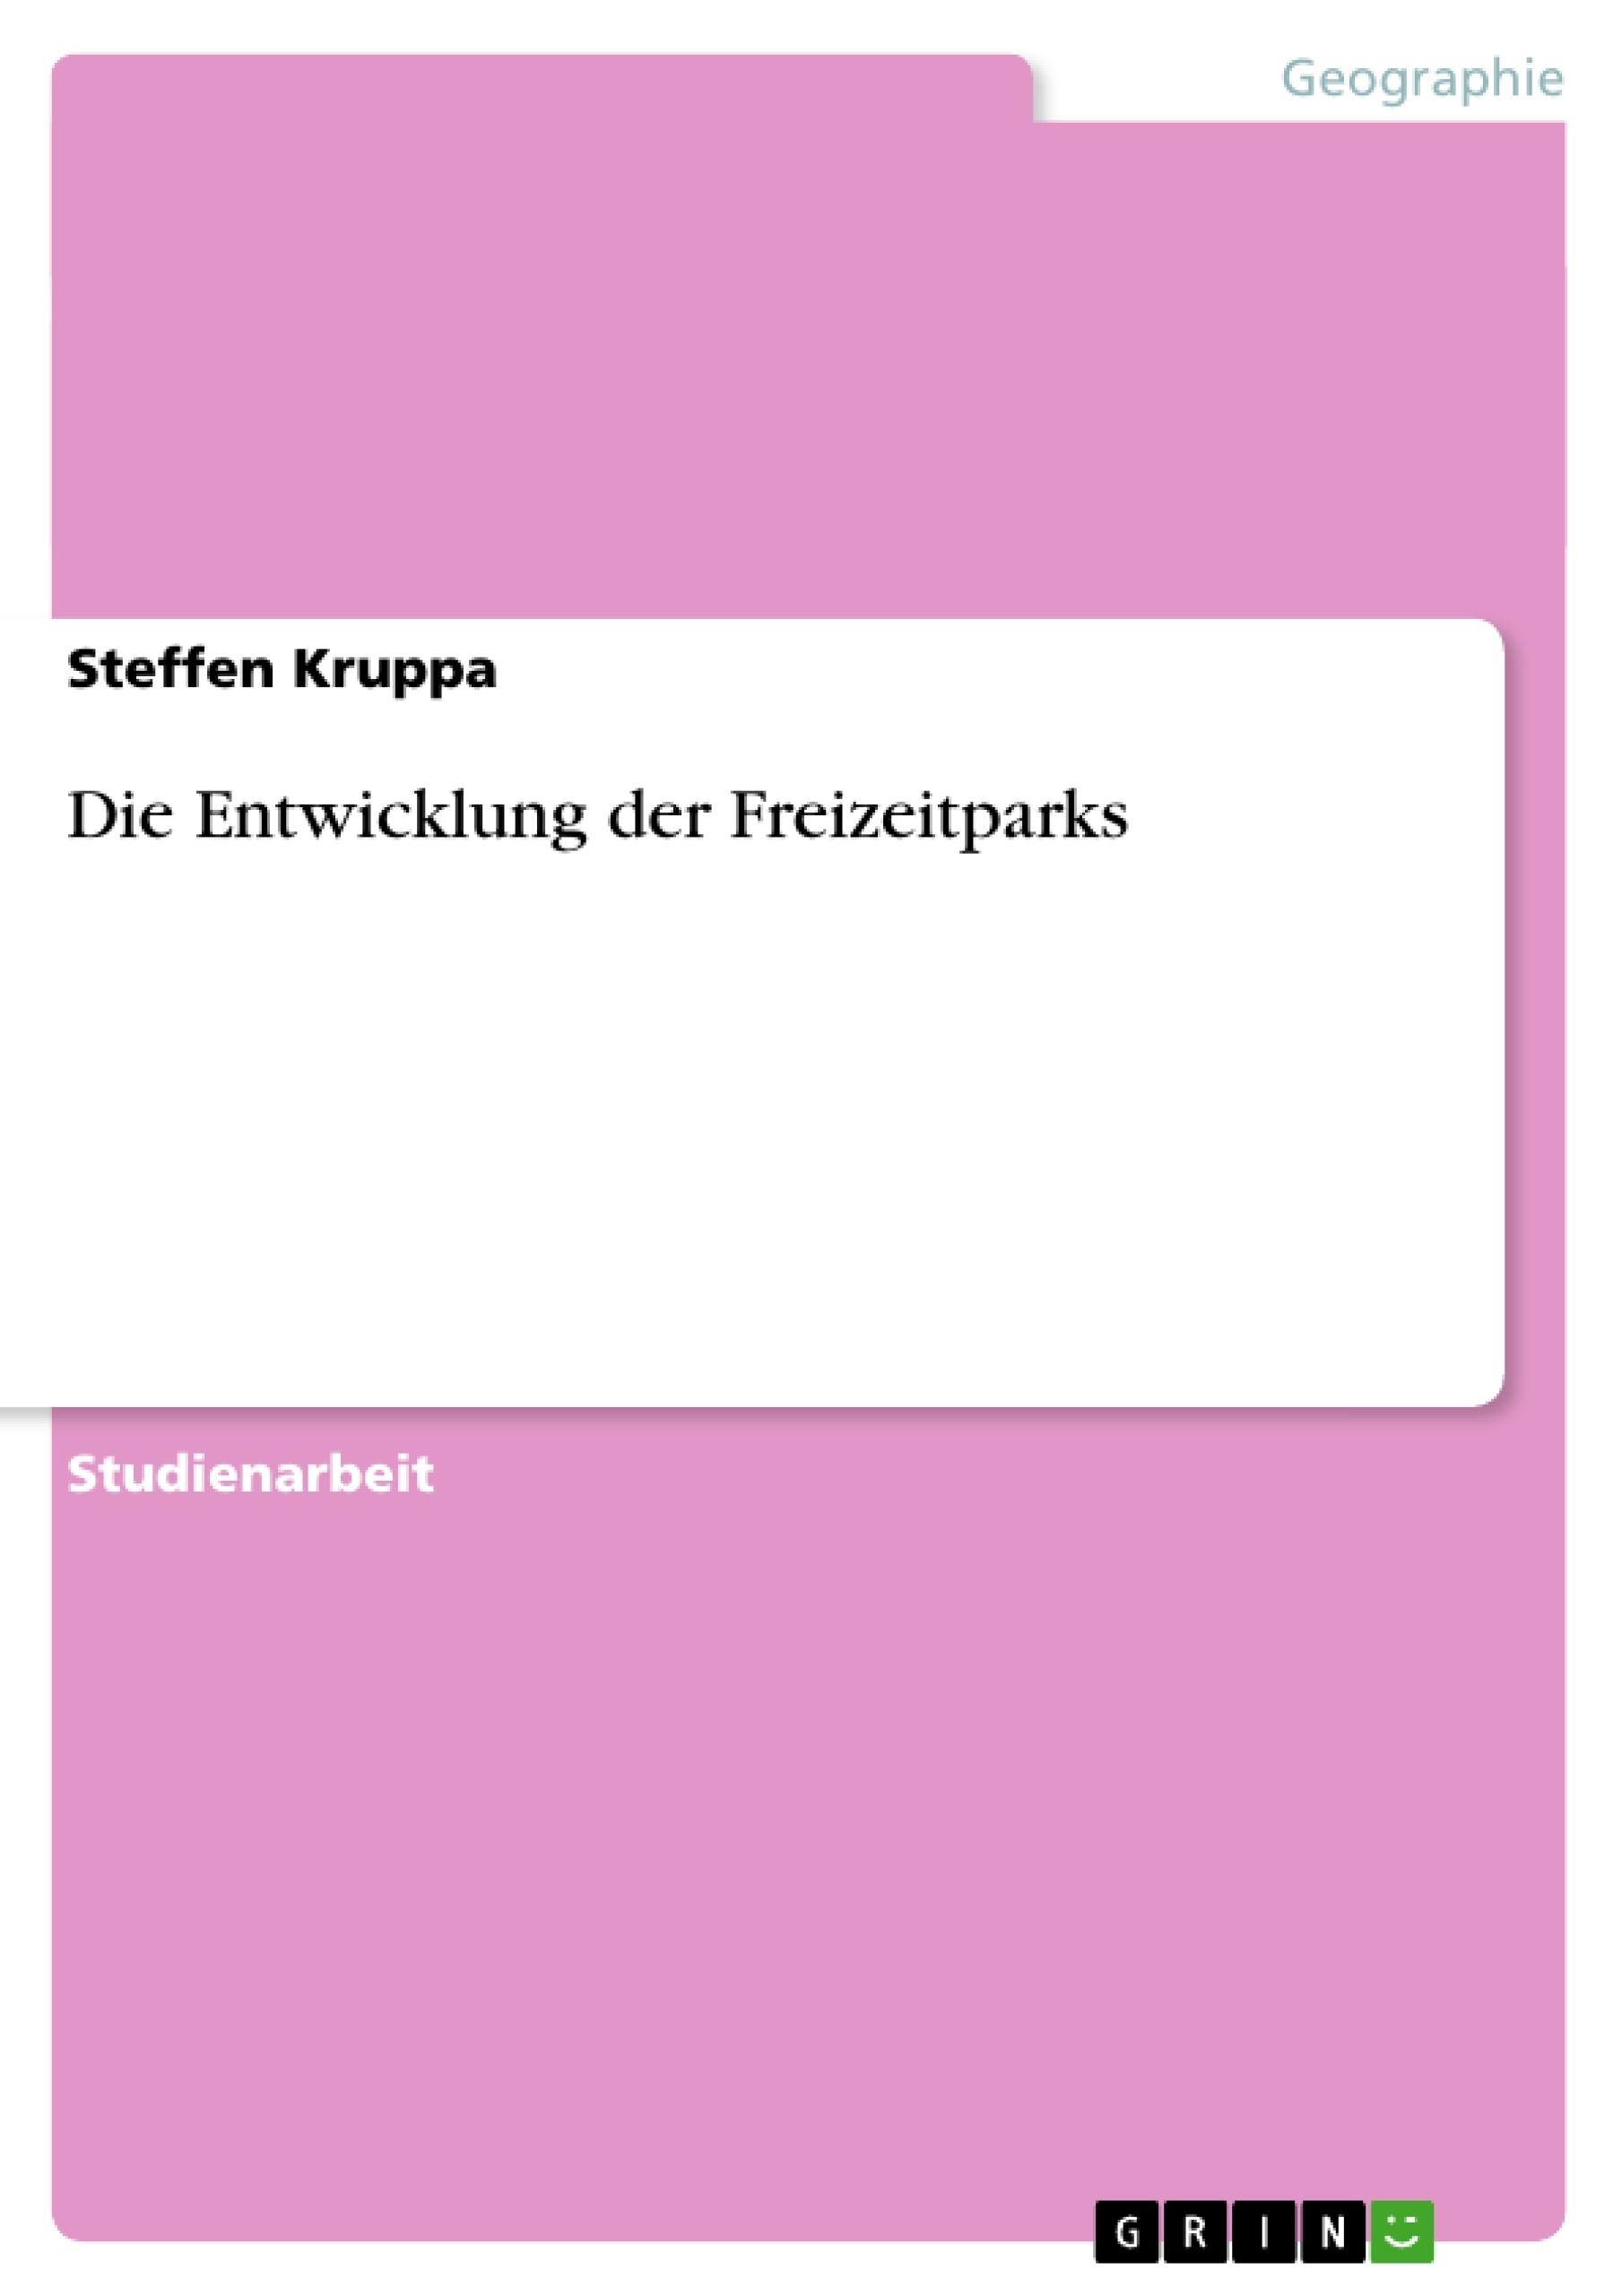 Titel: Die Entwicklung der Freizeitparks